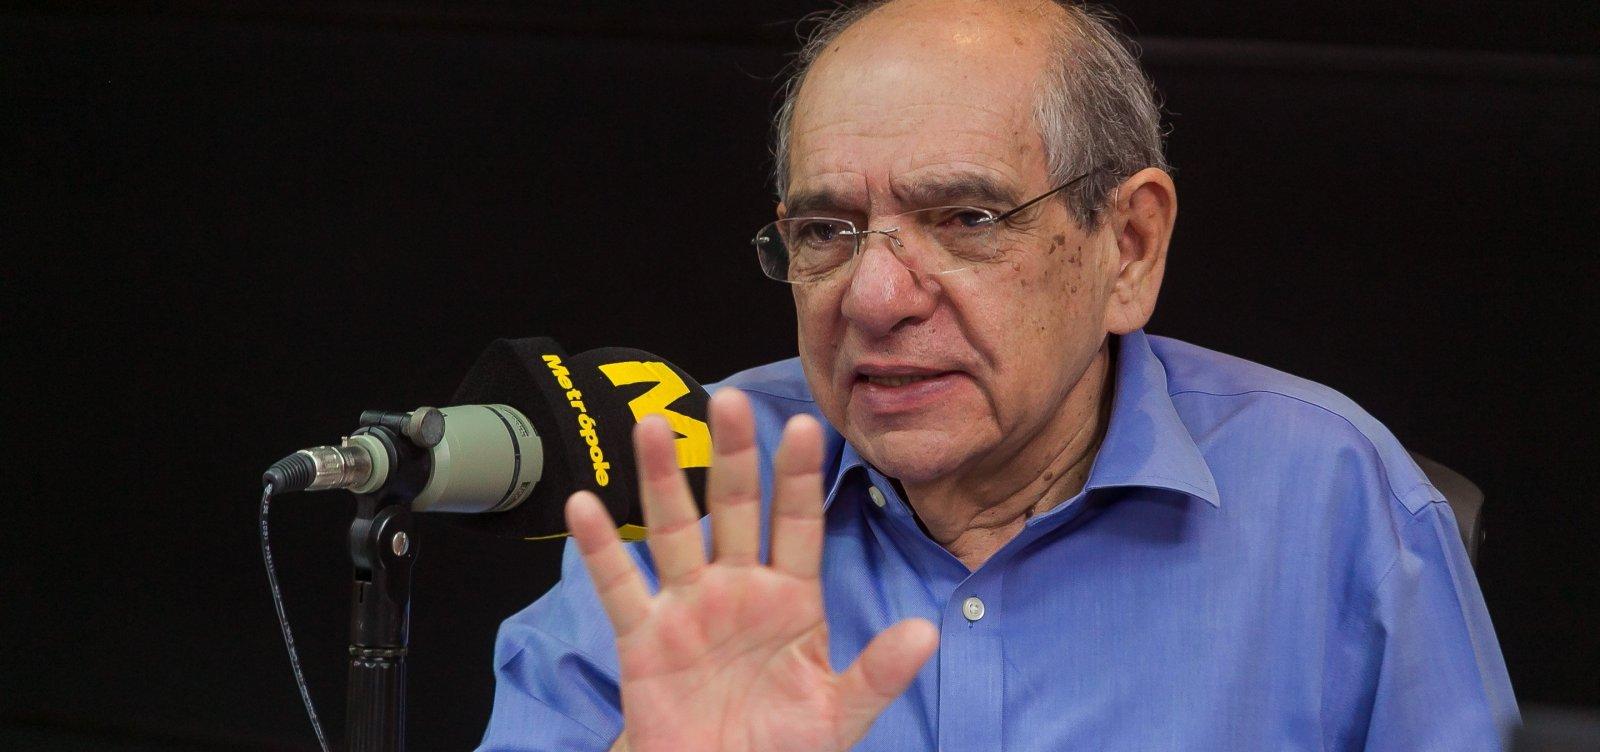 MK critica reeleição de Gleisi Hoffmann e silêncio da oposição ao governo Bolsonaro; ouça